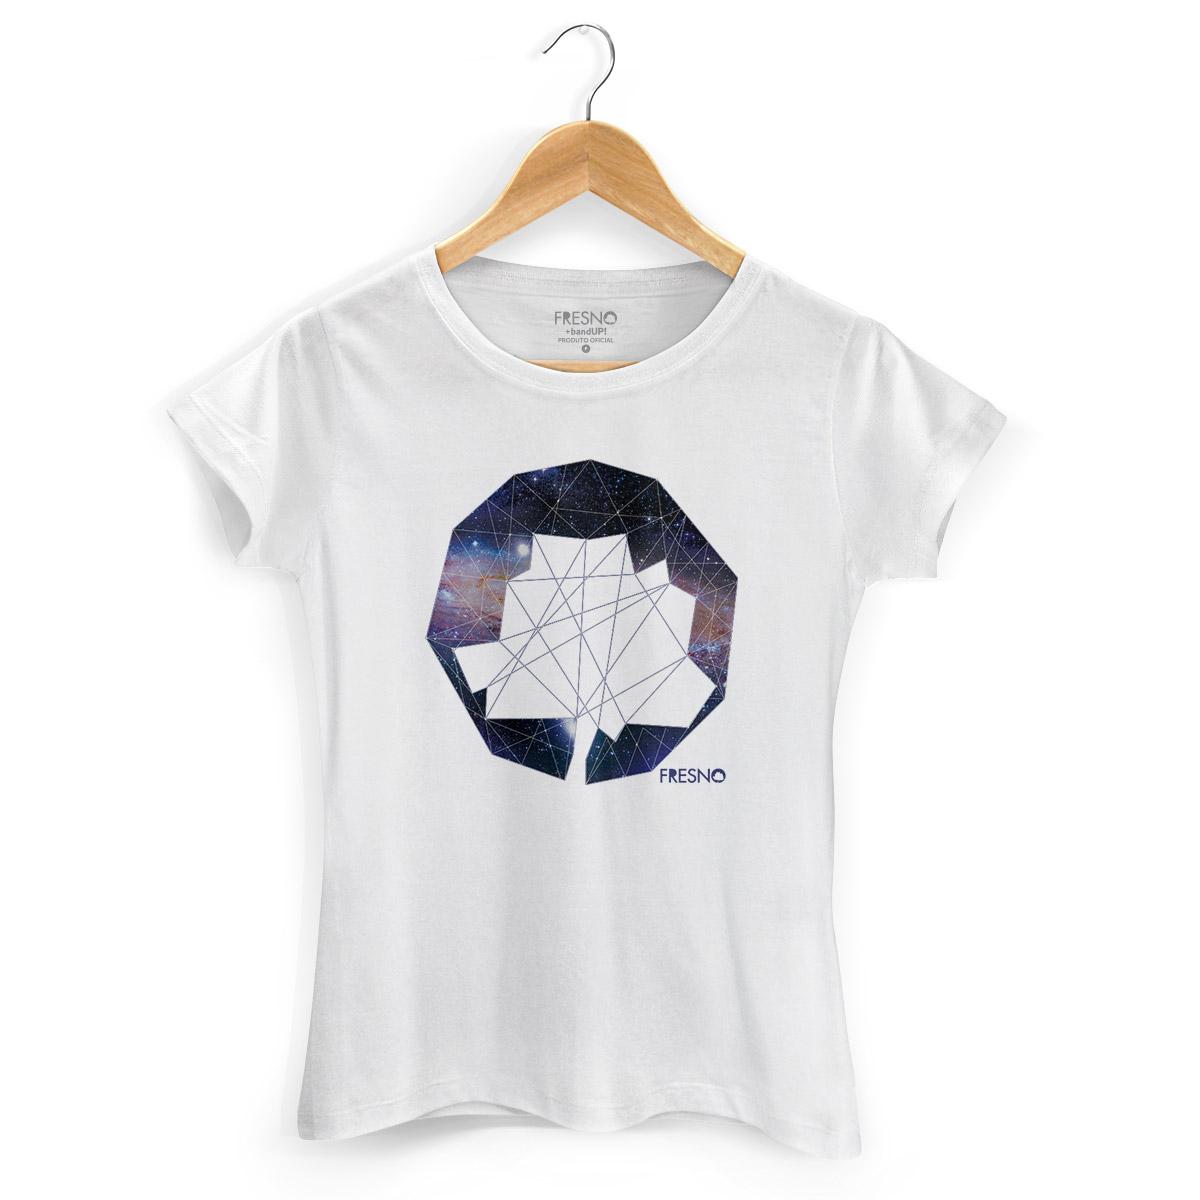 Camiseta Feminina Fresno Logo Galáxias